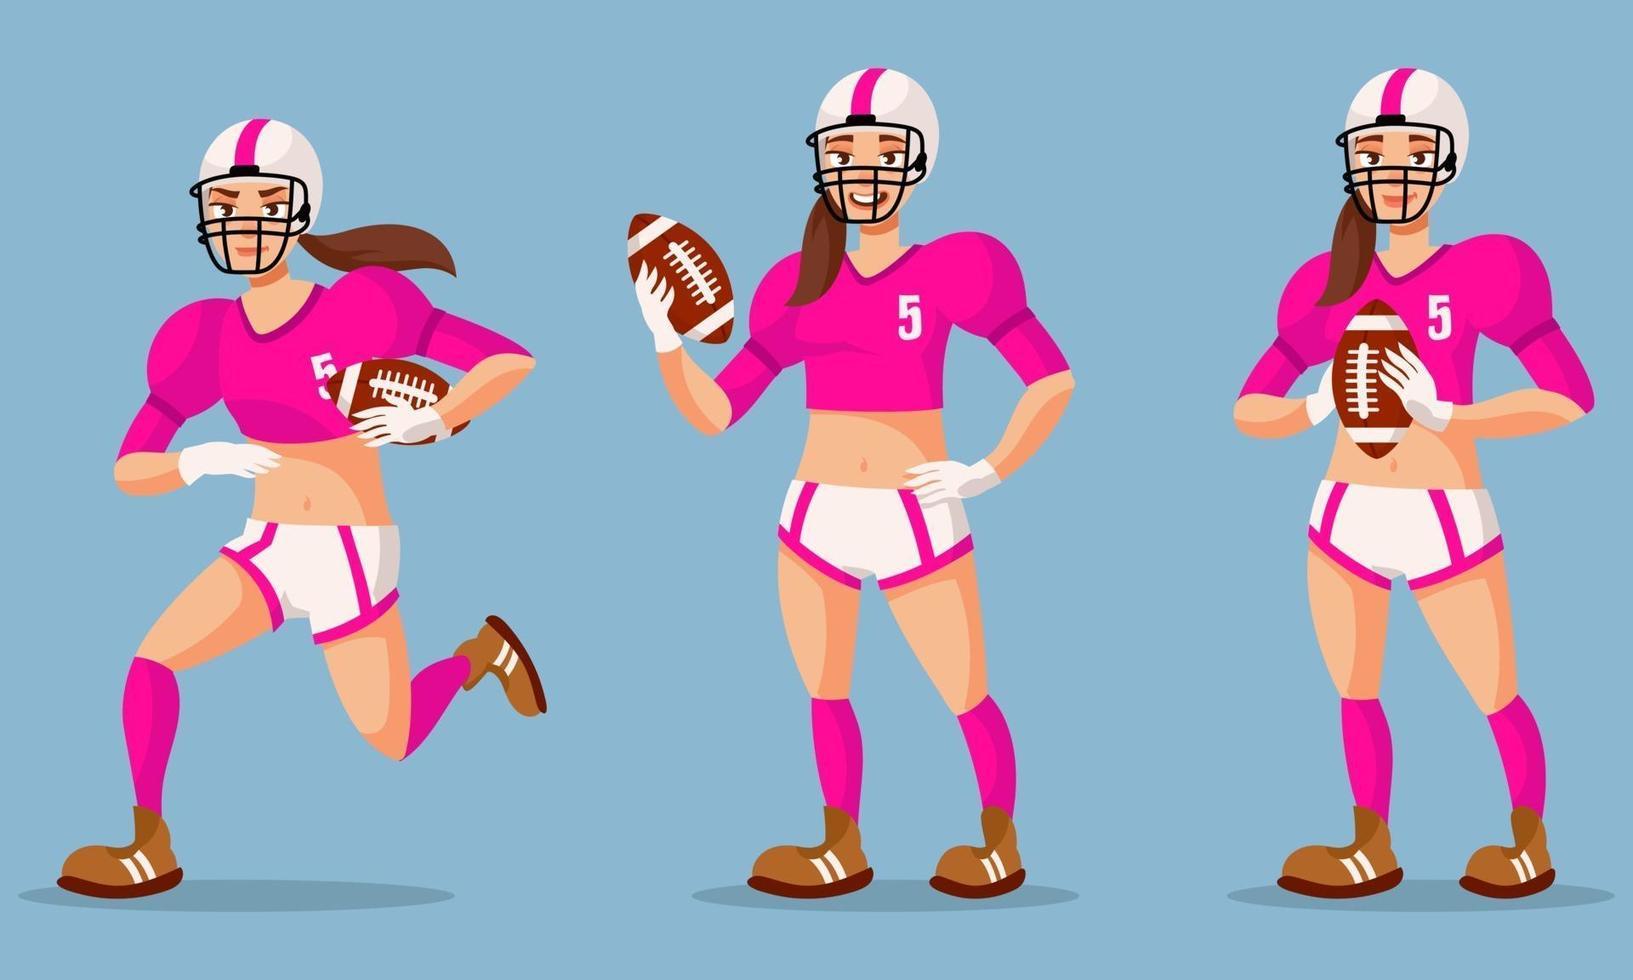 jogador de futebol americano em diferentes poses. vetor